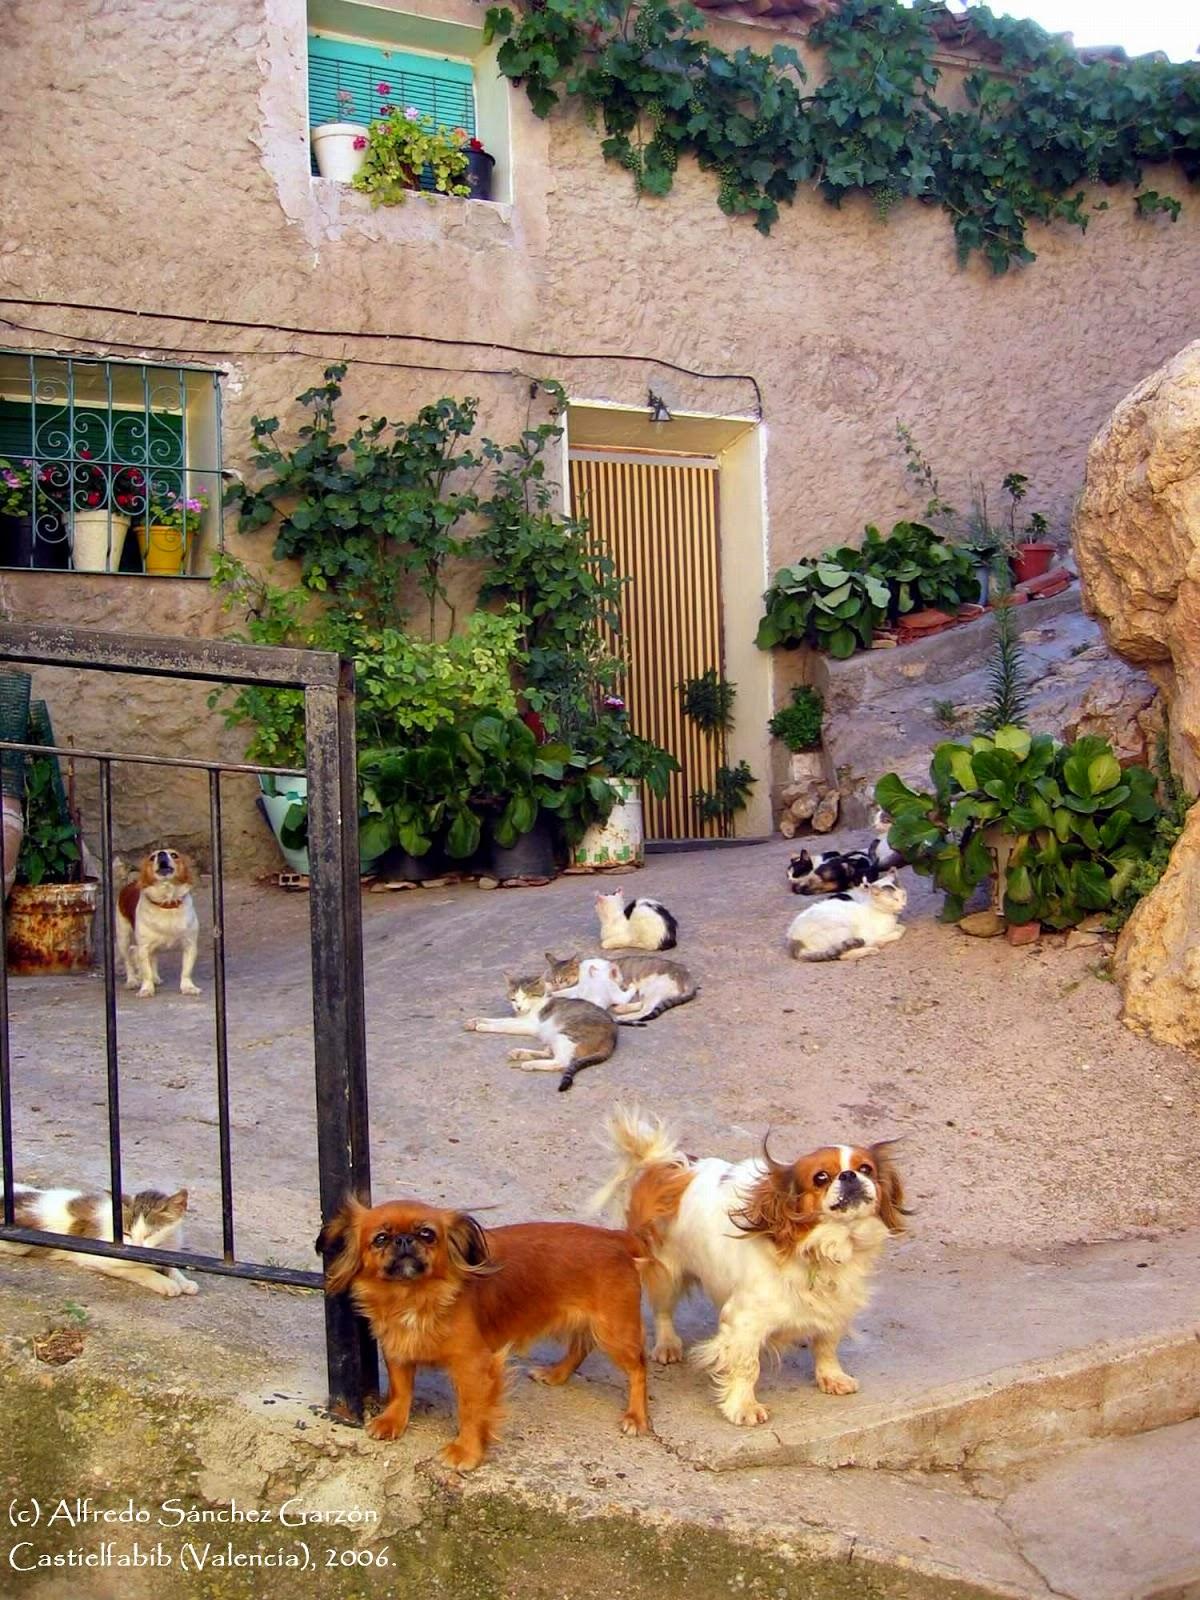 entrada-casa-gatos-perros-castielfabib-valencia